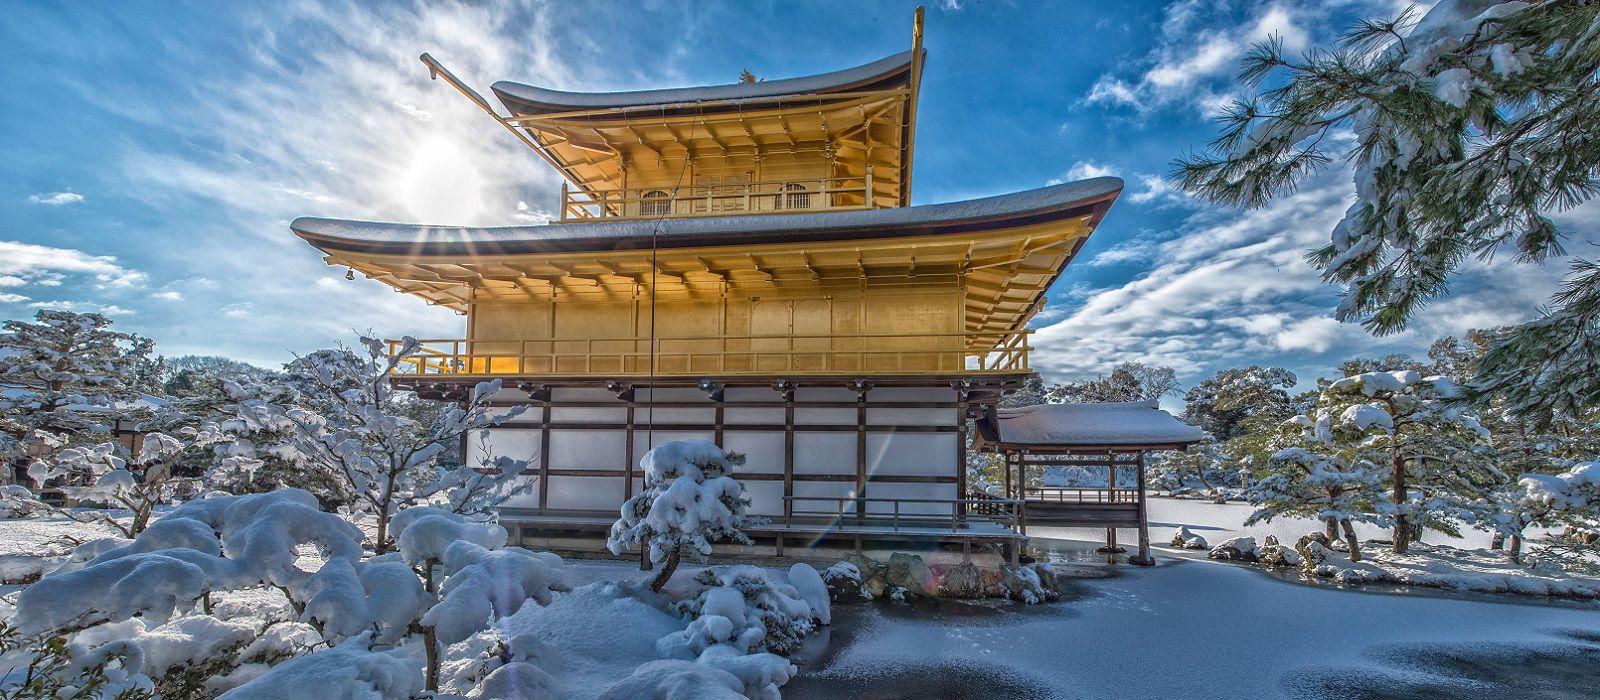 Just Japan: An Introduction Tour Trip 6